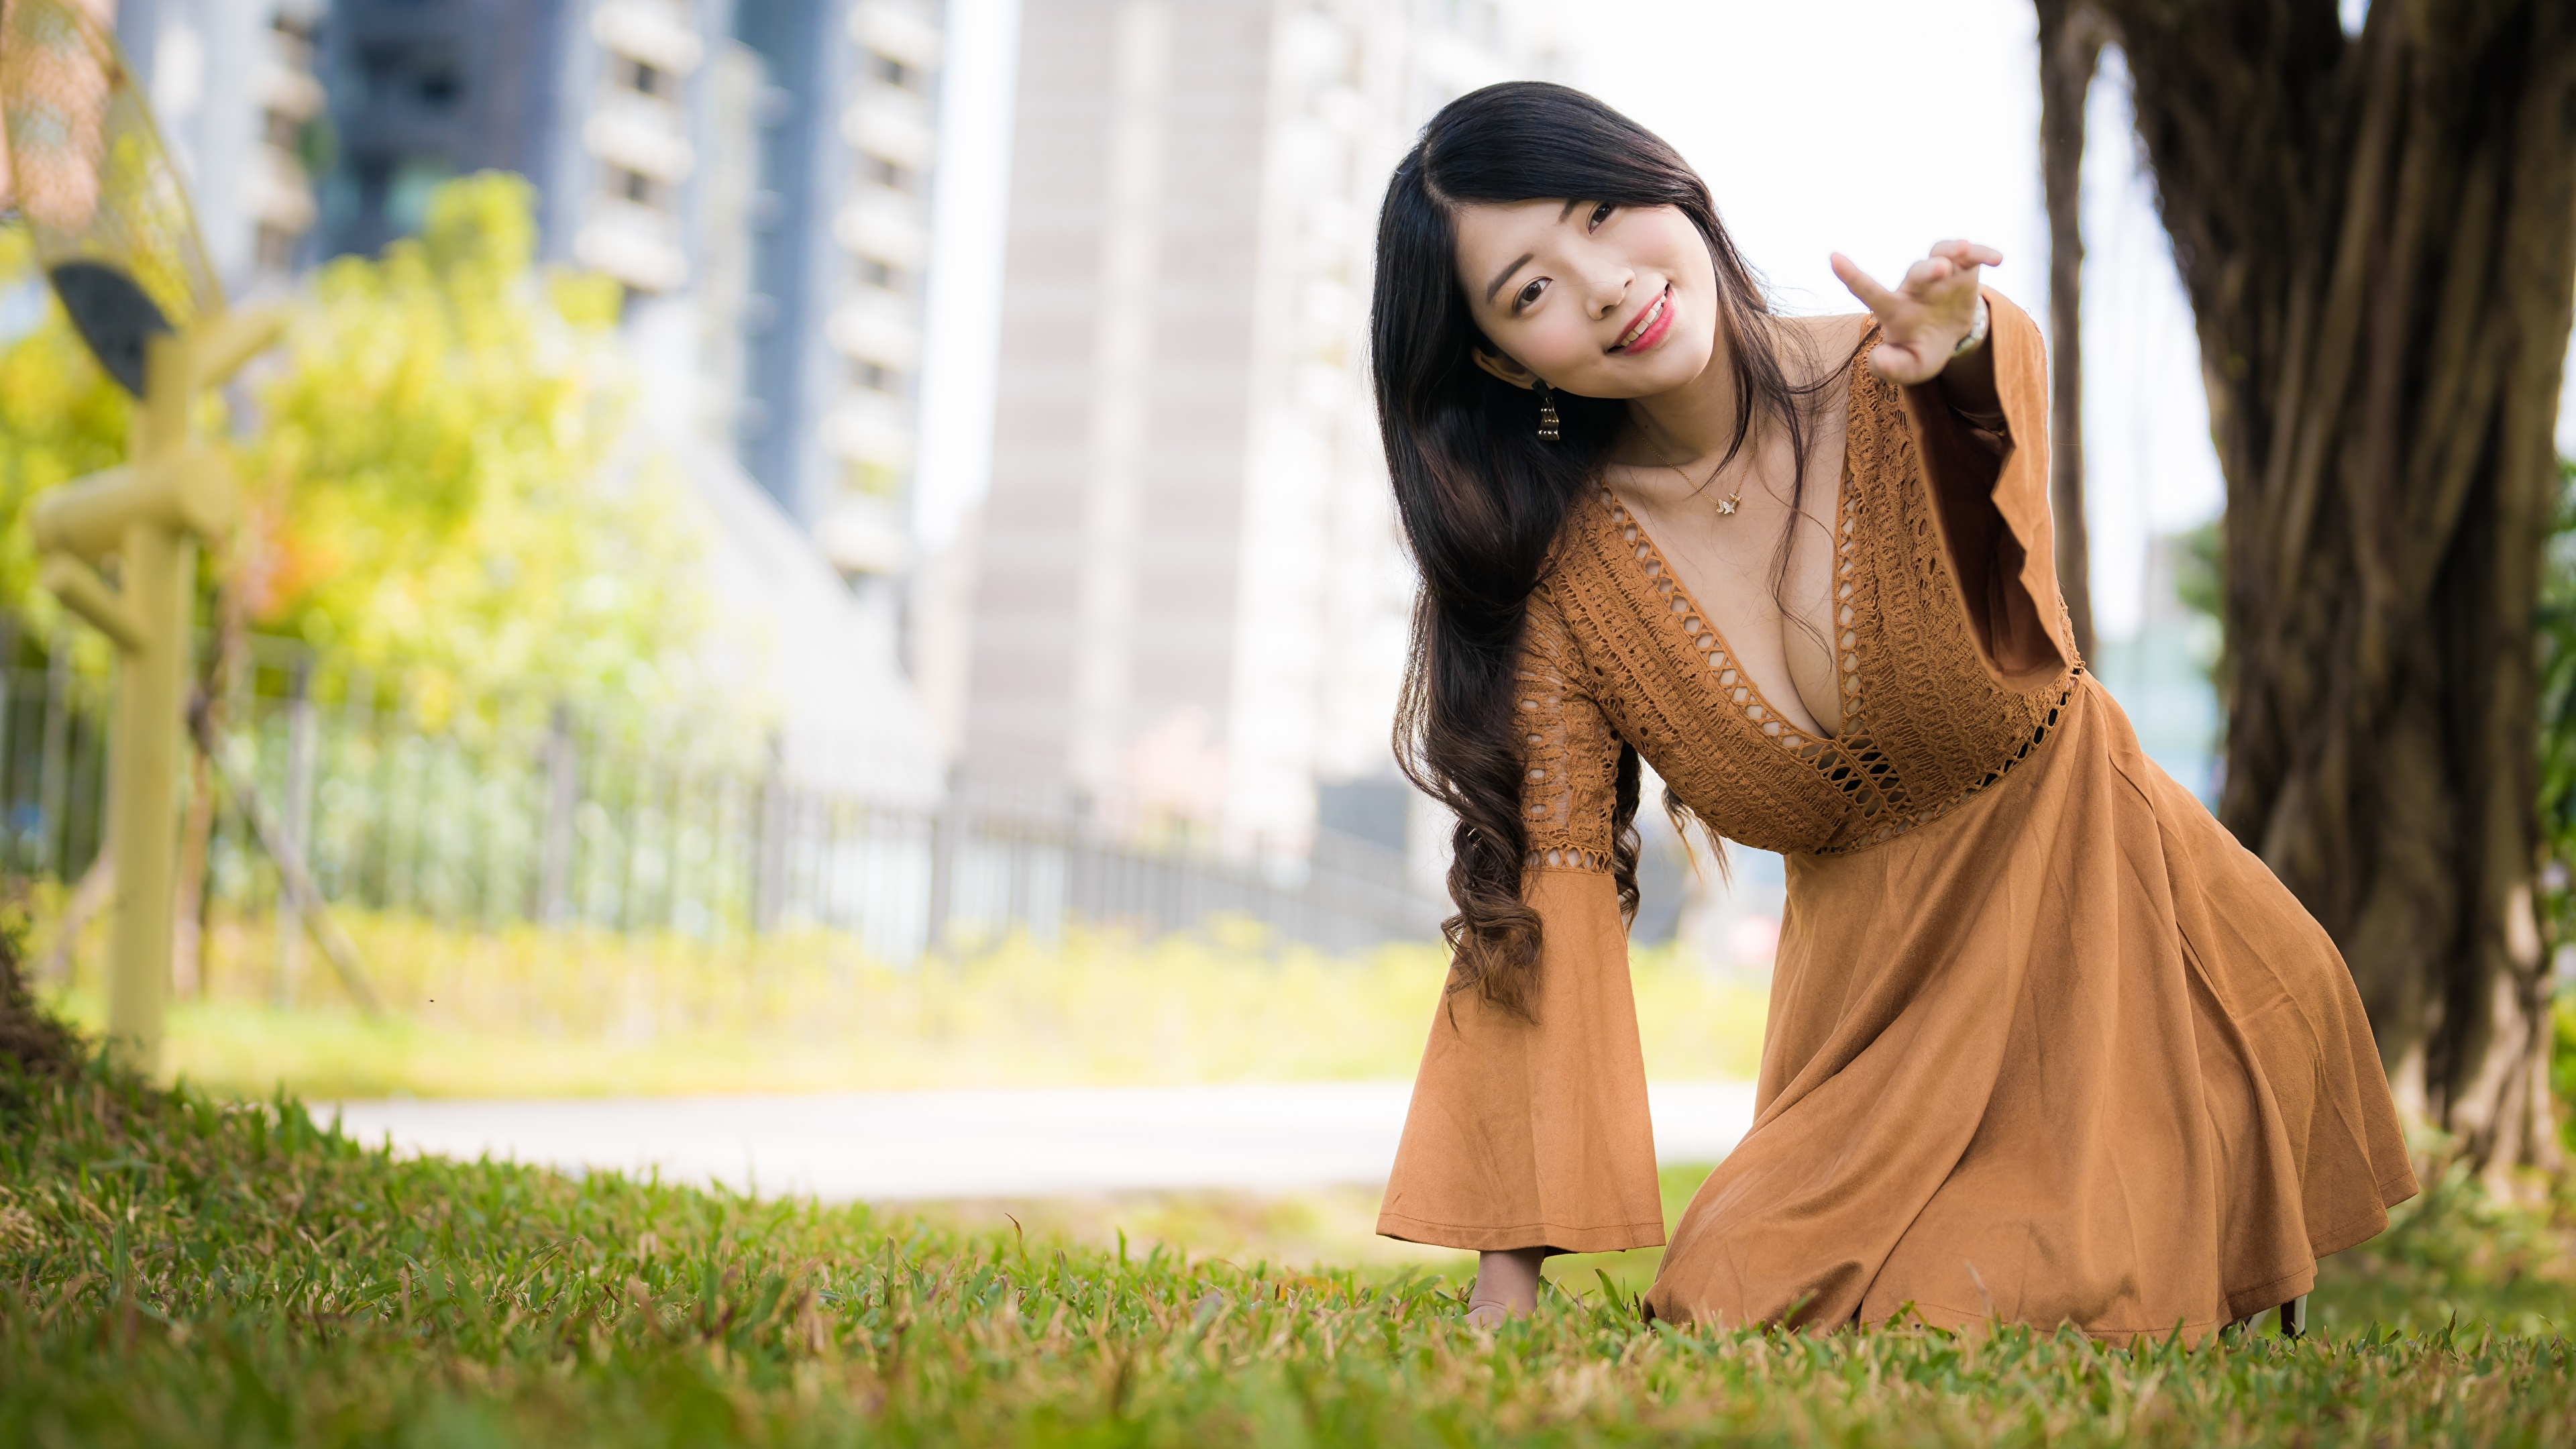 Фотография Шатенка боке Поза Декольте молодые женщины Азиаты Платье 3840x2160 шатенки Размытый фон позирует вырез на платье девушка Девушки молодая женщина азиатки азиатка платья